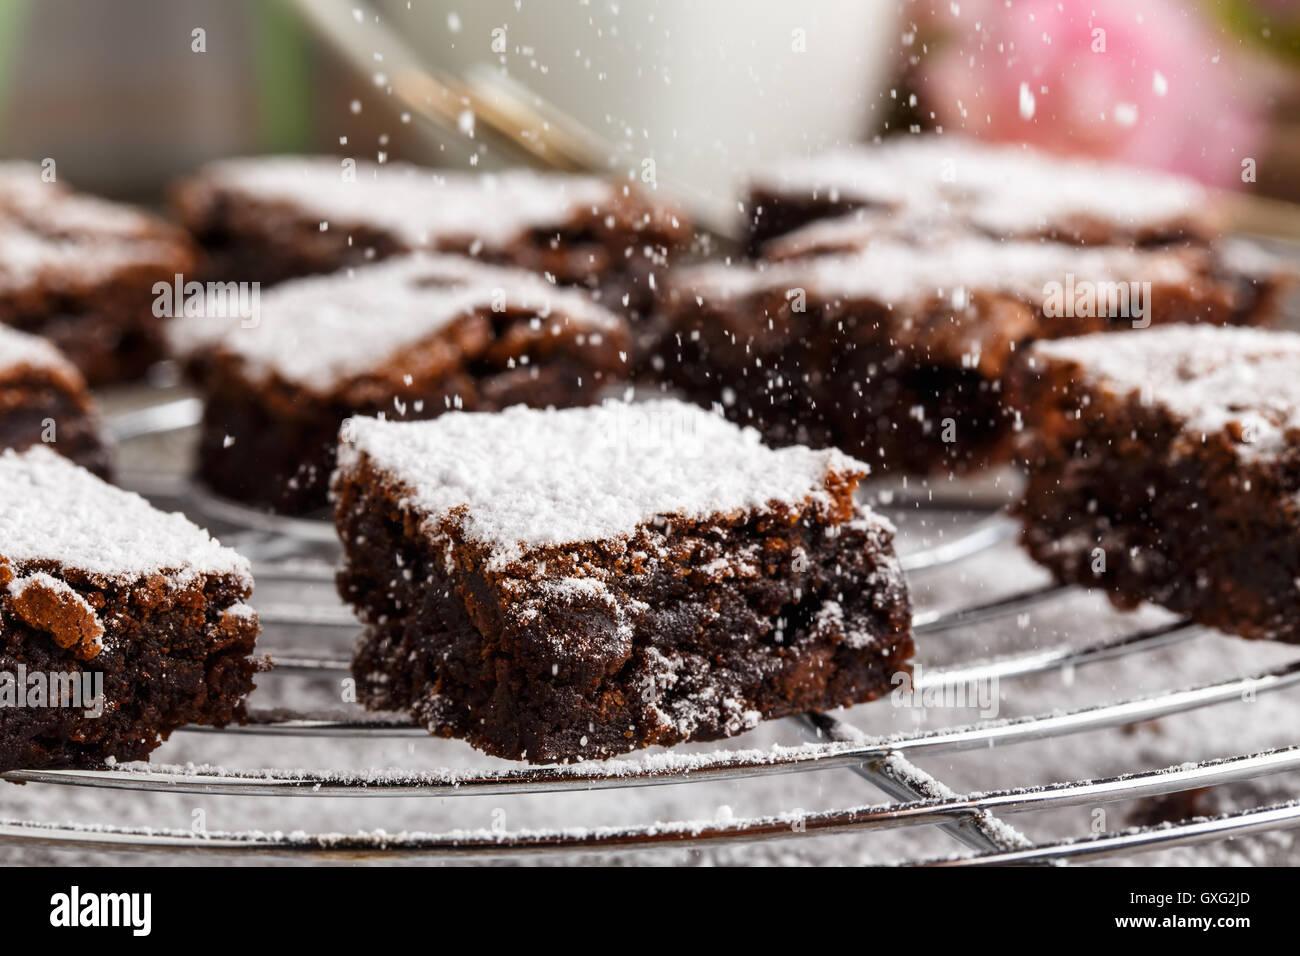 Brownies au chocolat maison de sucre glace sur un gâteau rack. Photo Stock